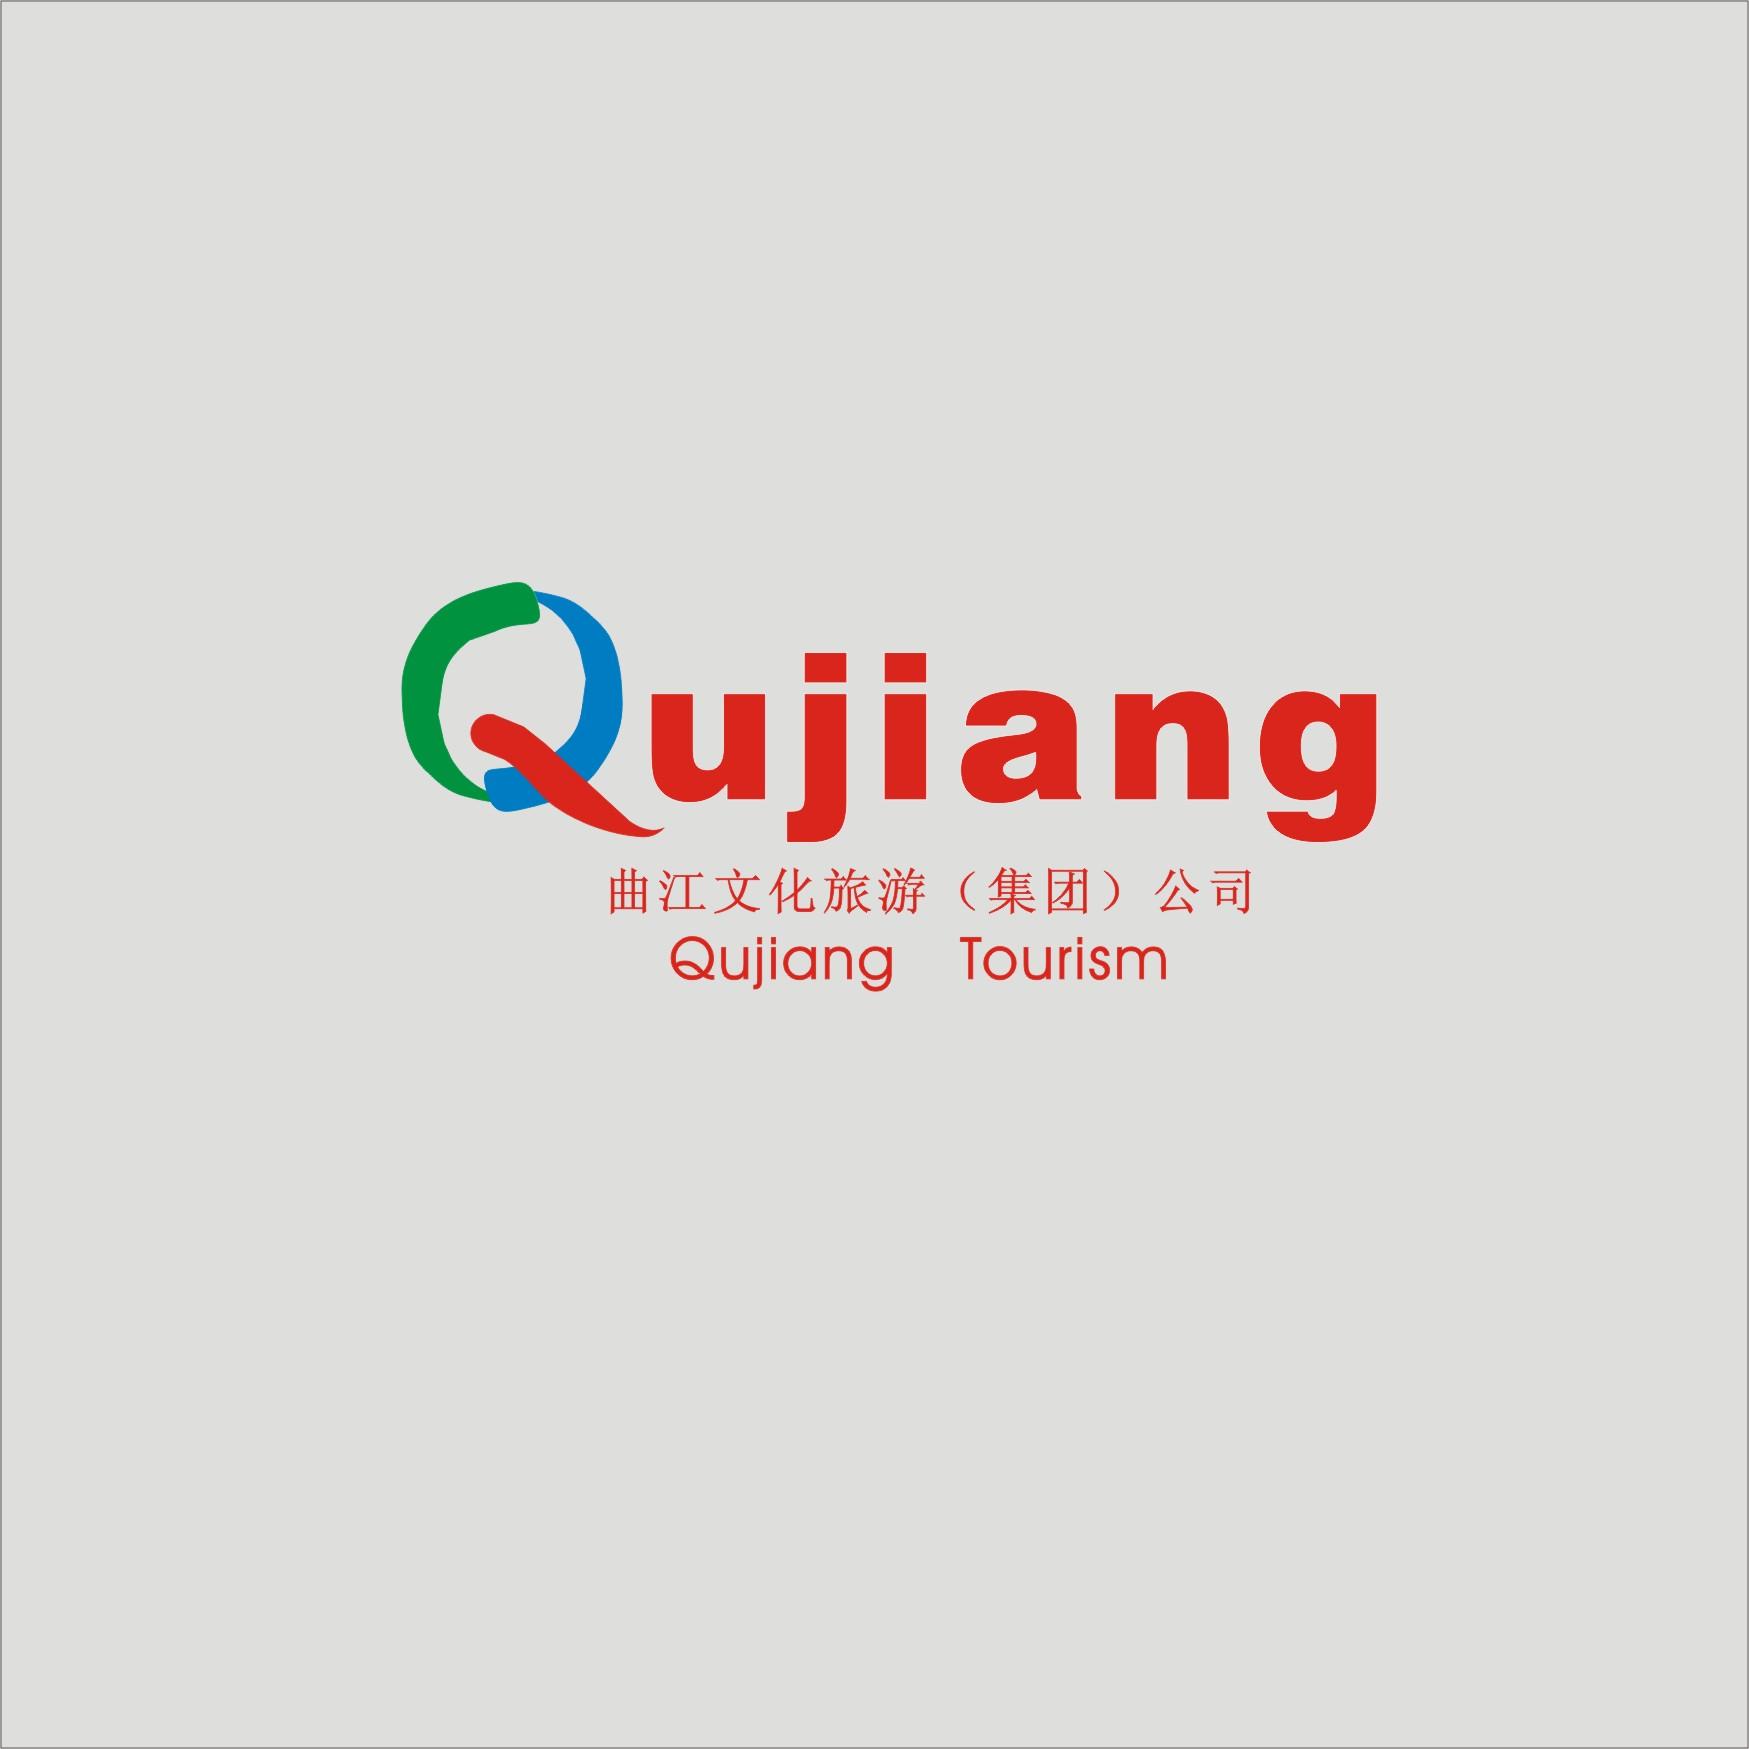 西安曲江文化旅游公司logo设计(紧急)_1489729_k68威客网